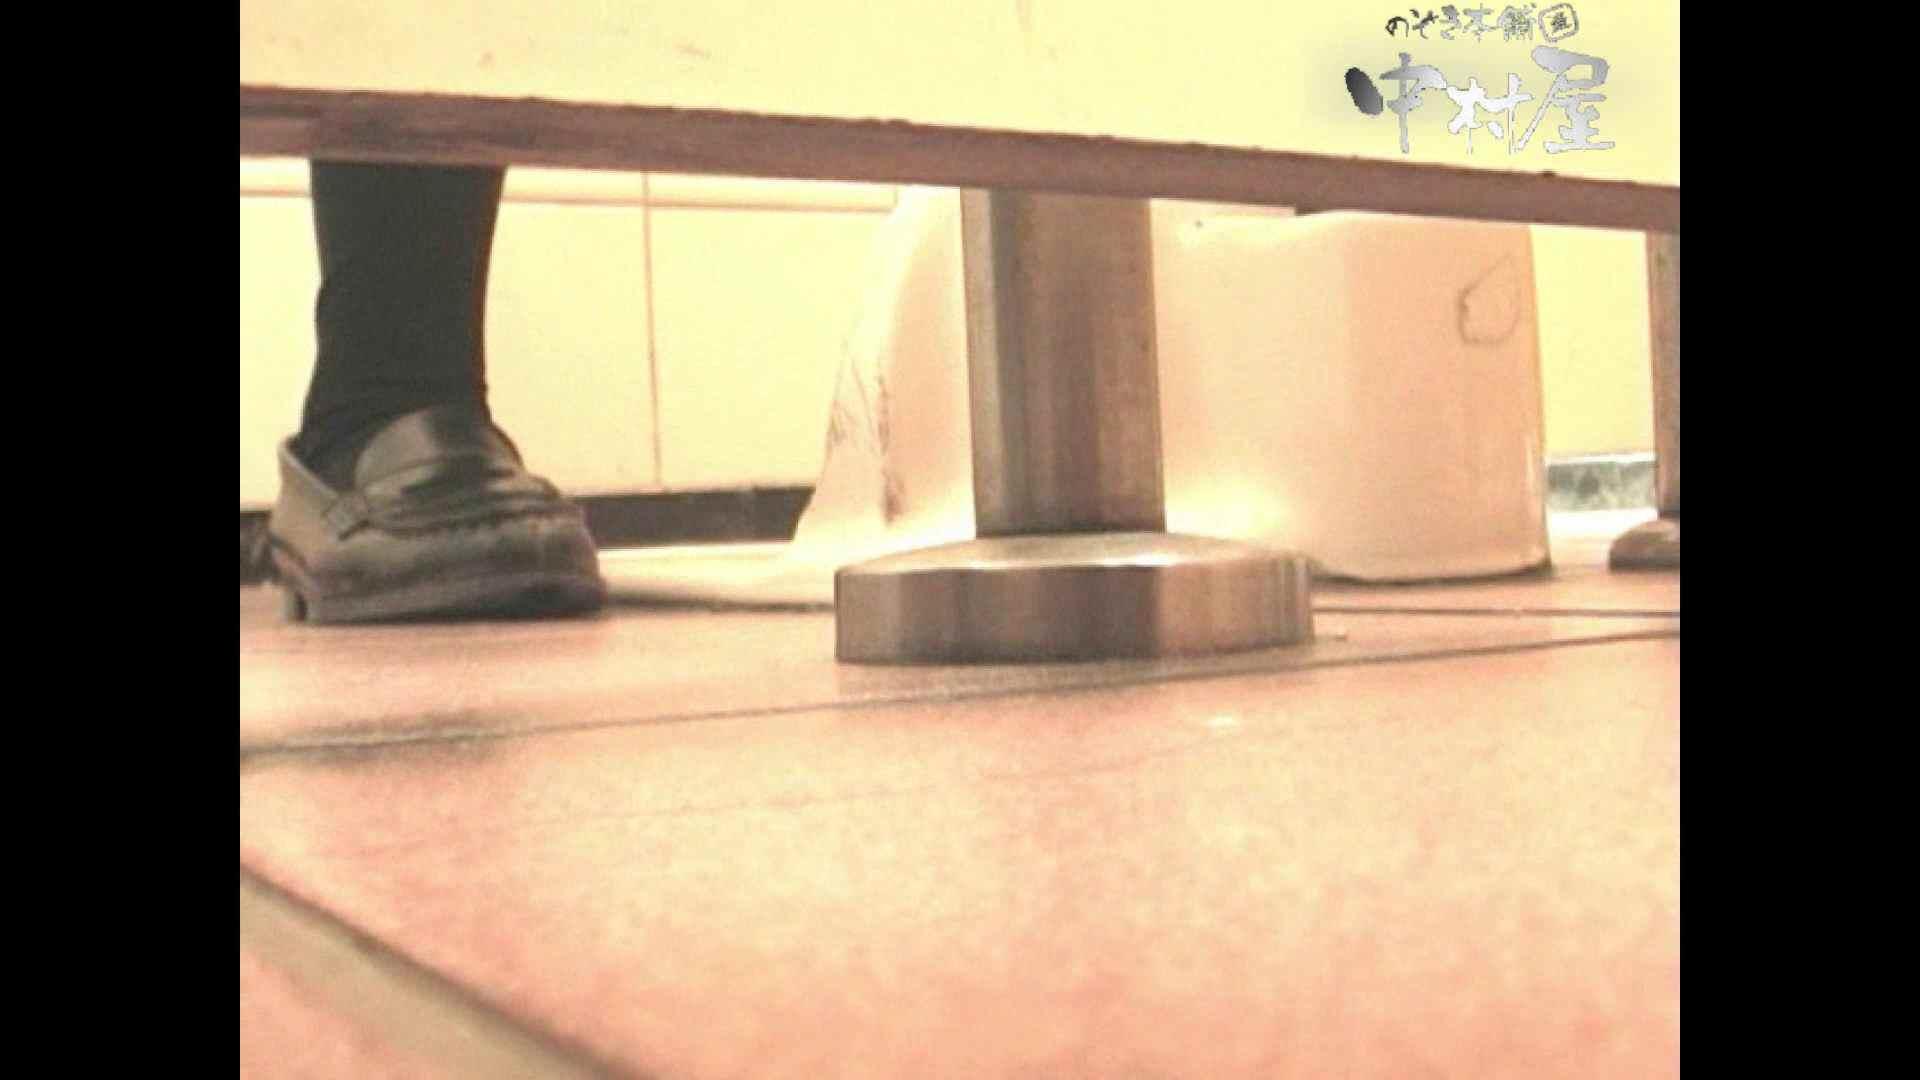 岩手県在住盗撮師盗撮記録vol.05 盗撮師作品 濡れ場動画紹介 77pic 17